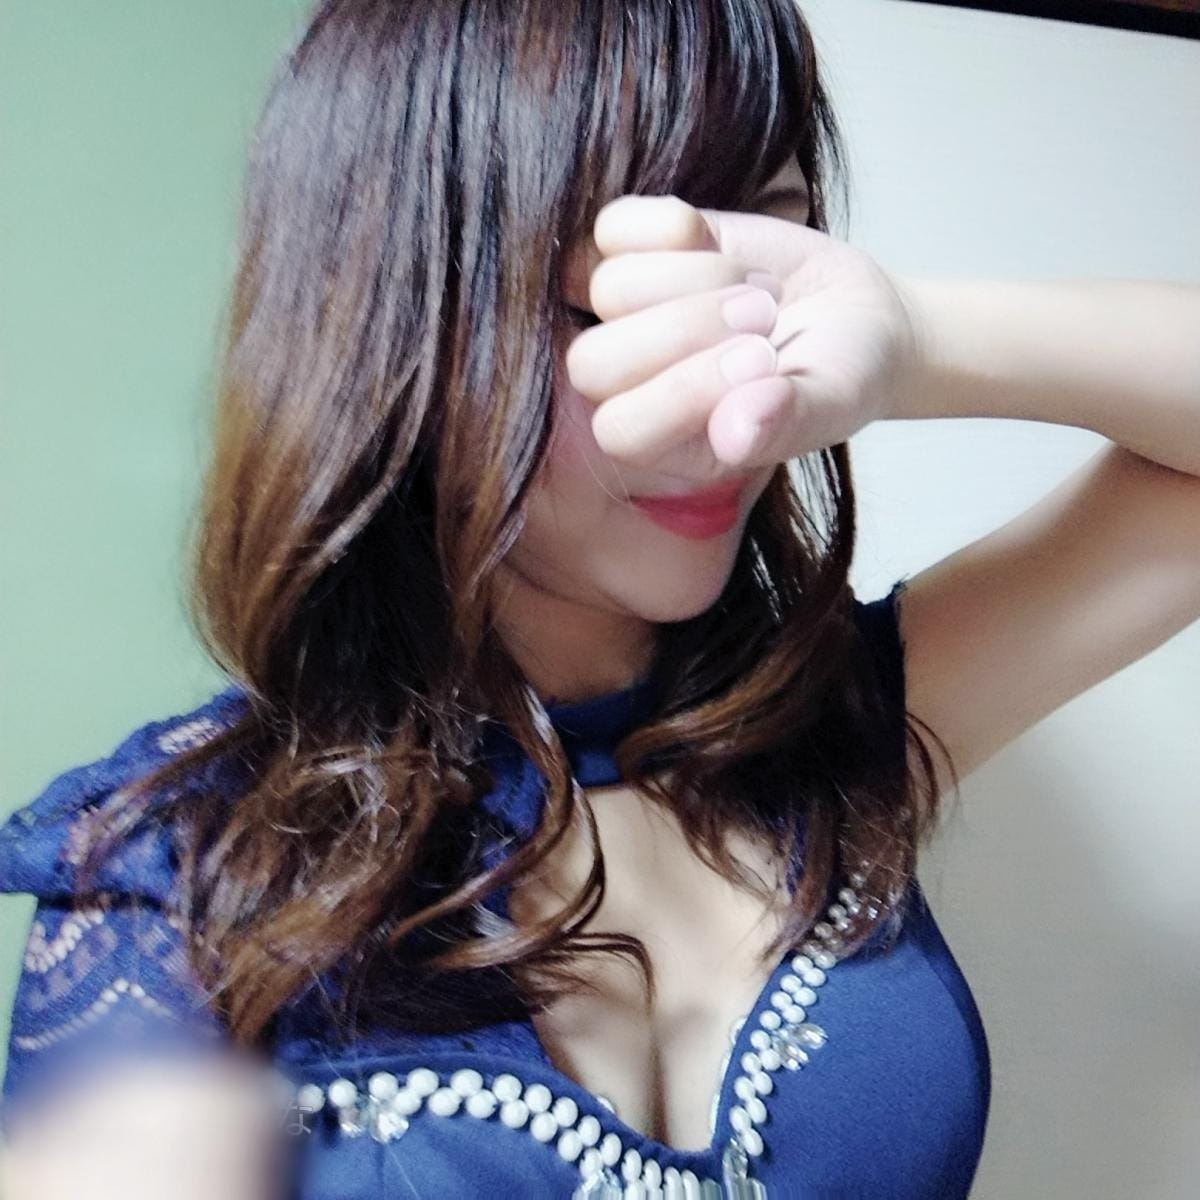 「本日のお礼です♪」01/16日(水) 22:32   夢川 あいの写メ・風俗動画